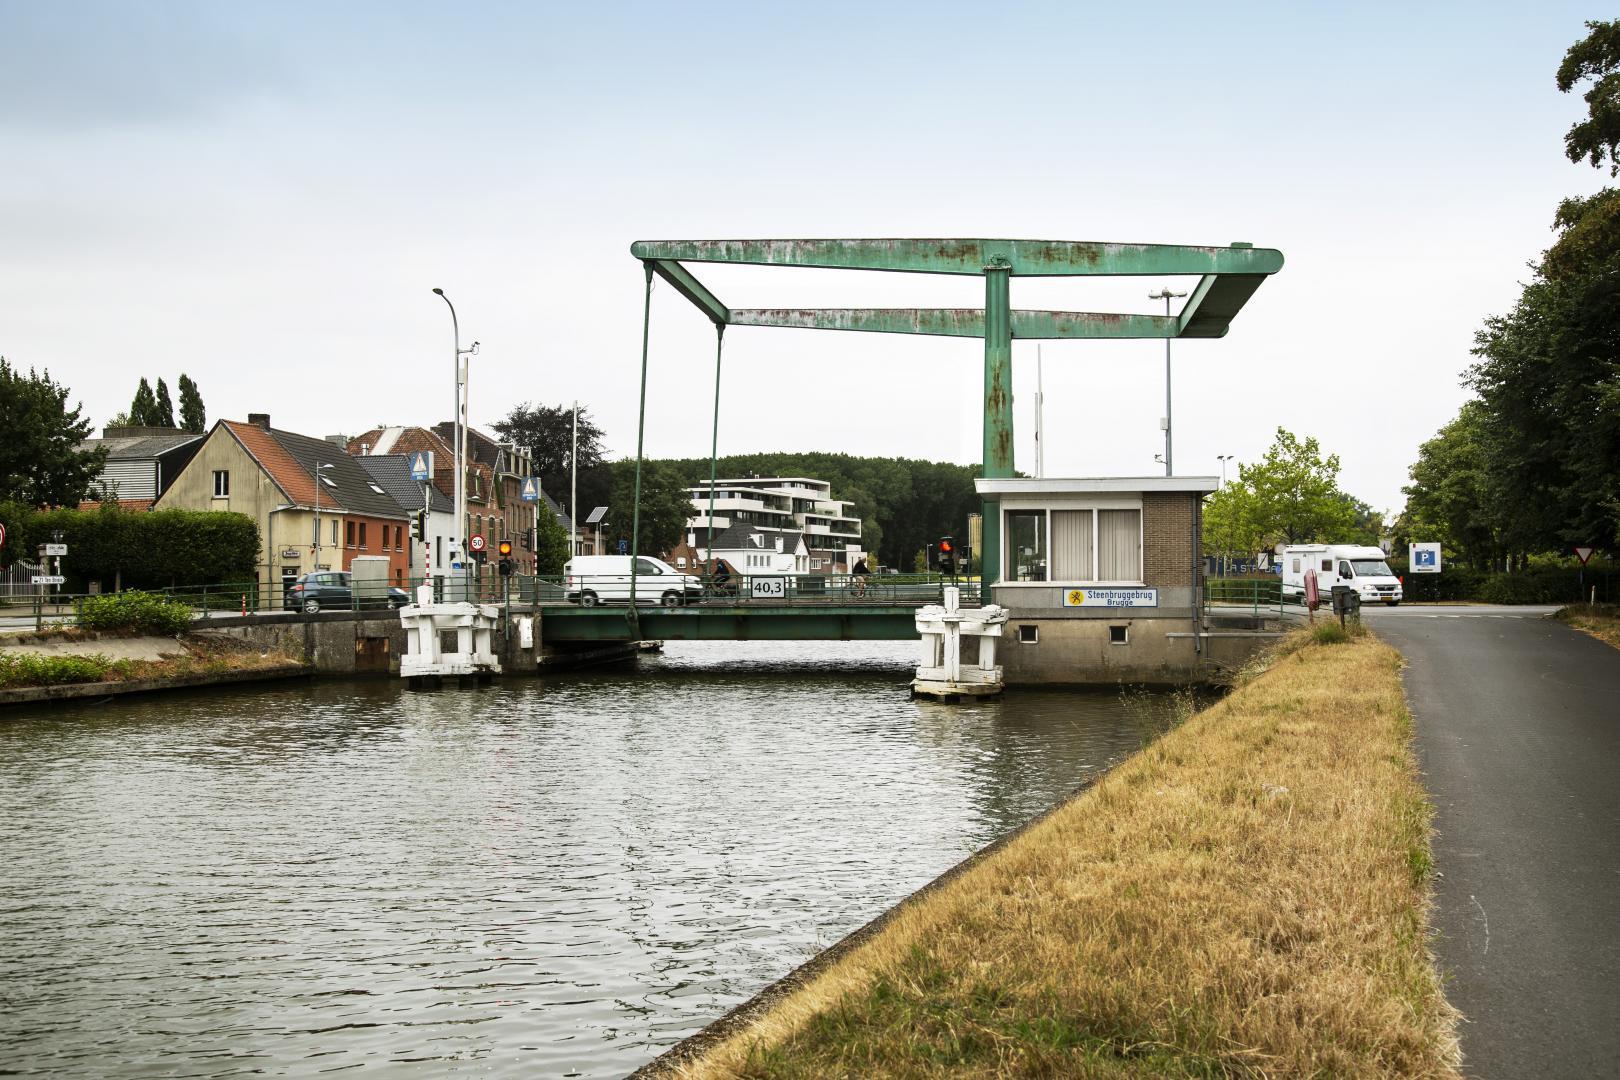 De huidige Steenbruggebrug is sterk verouderd en wordt vervangen door een hoge, vaste brug. Er komt ook een vlakke, beweegbare brug voor fietsers en voetgangers.